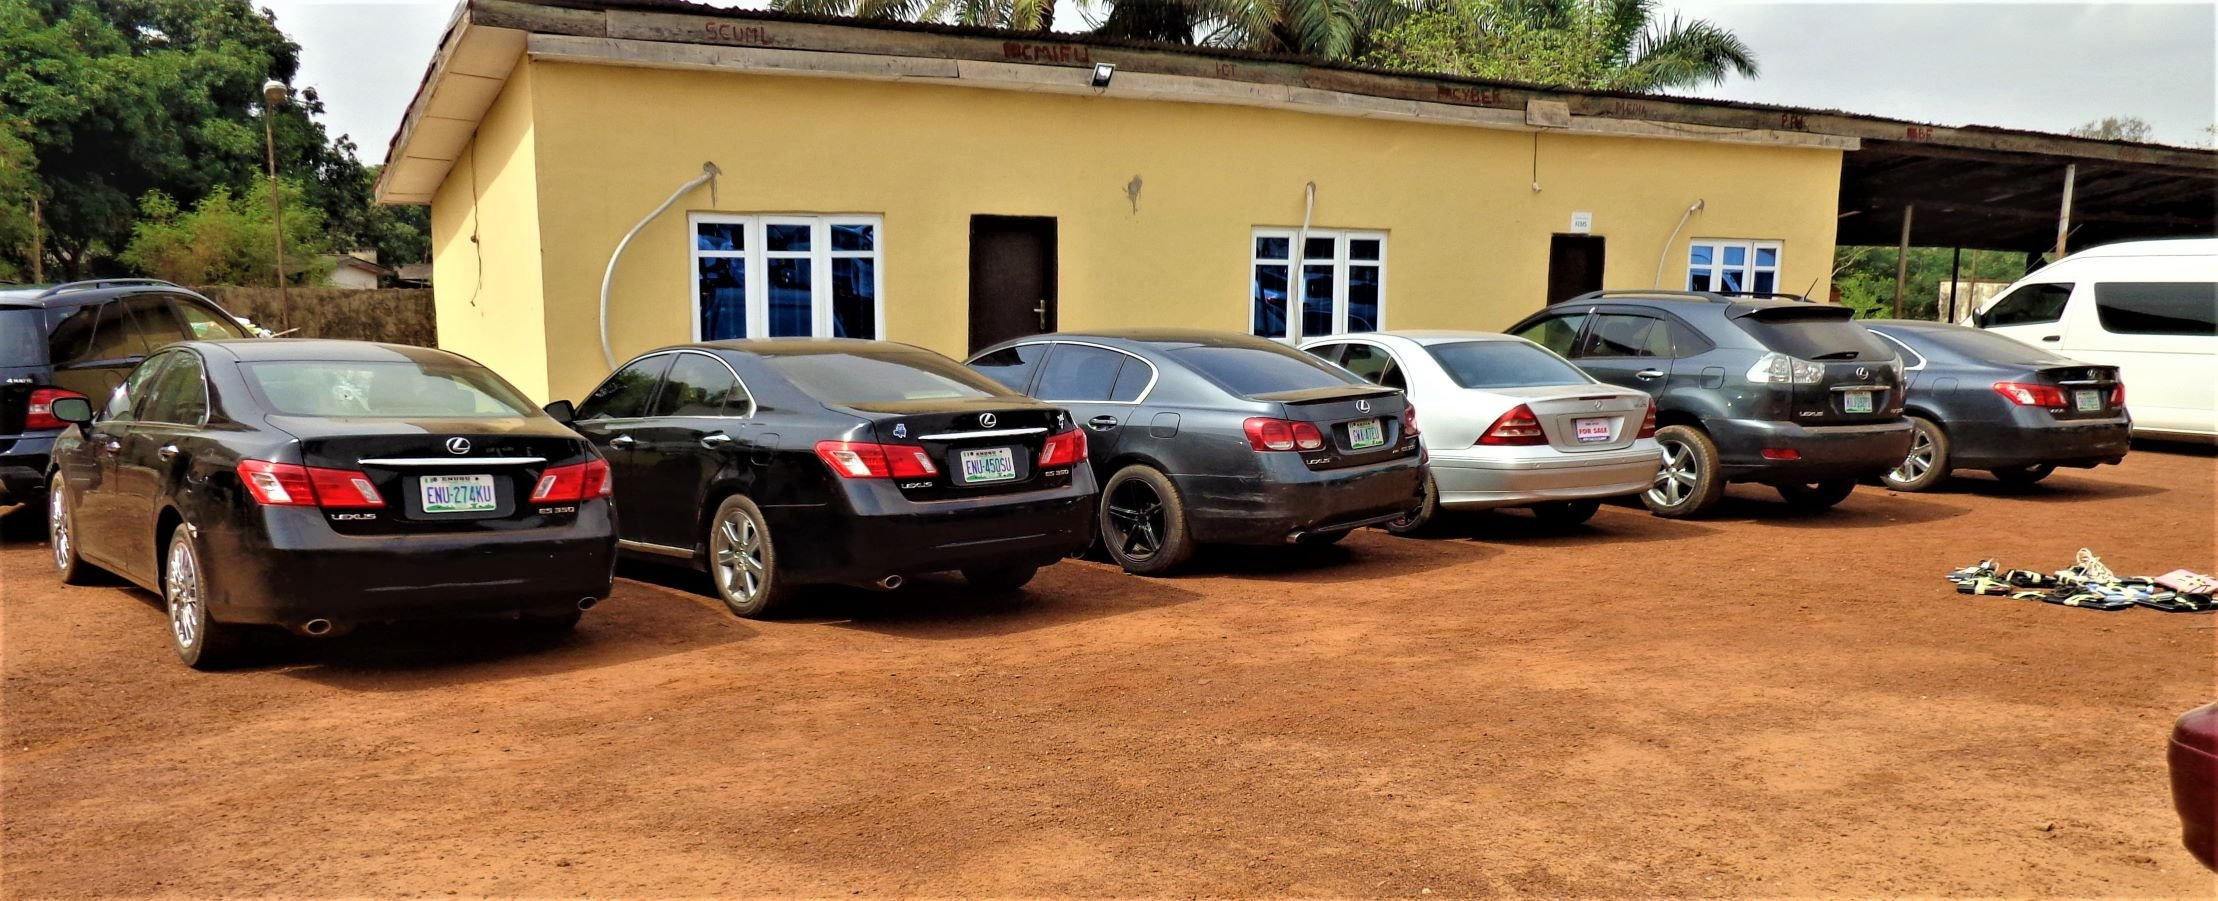 EFCC arrests 10 suspected fraudsters in Enugu - TVC News